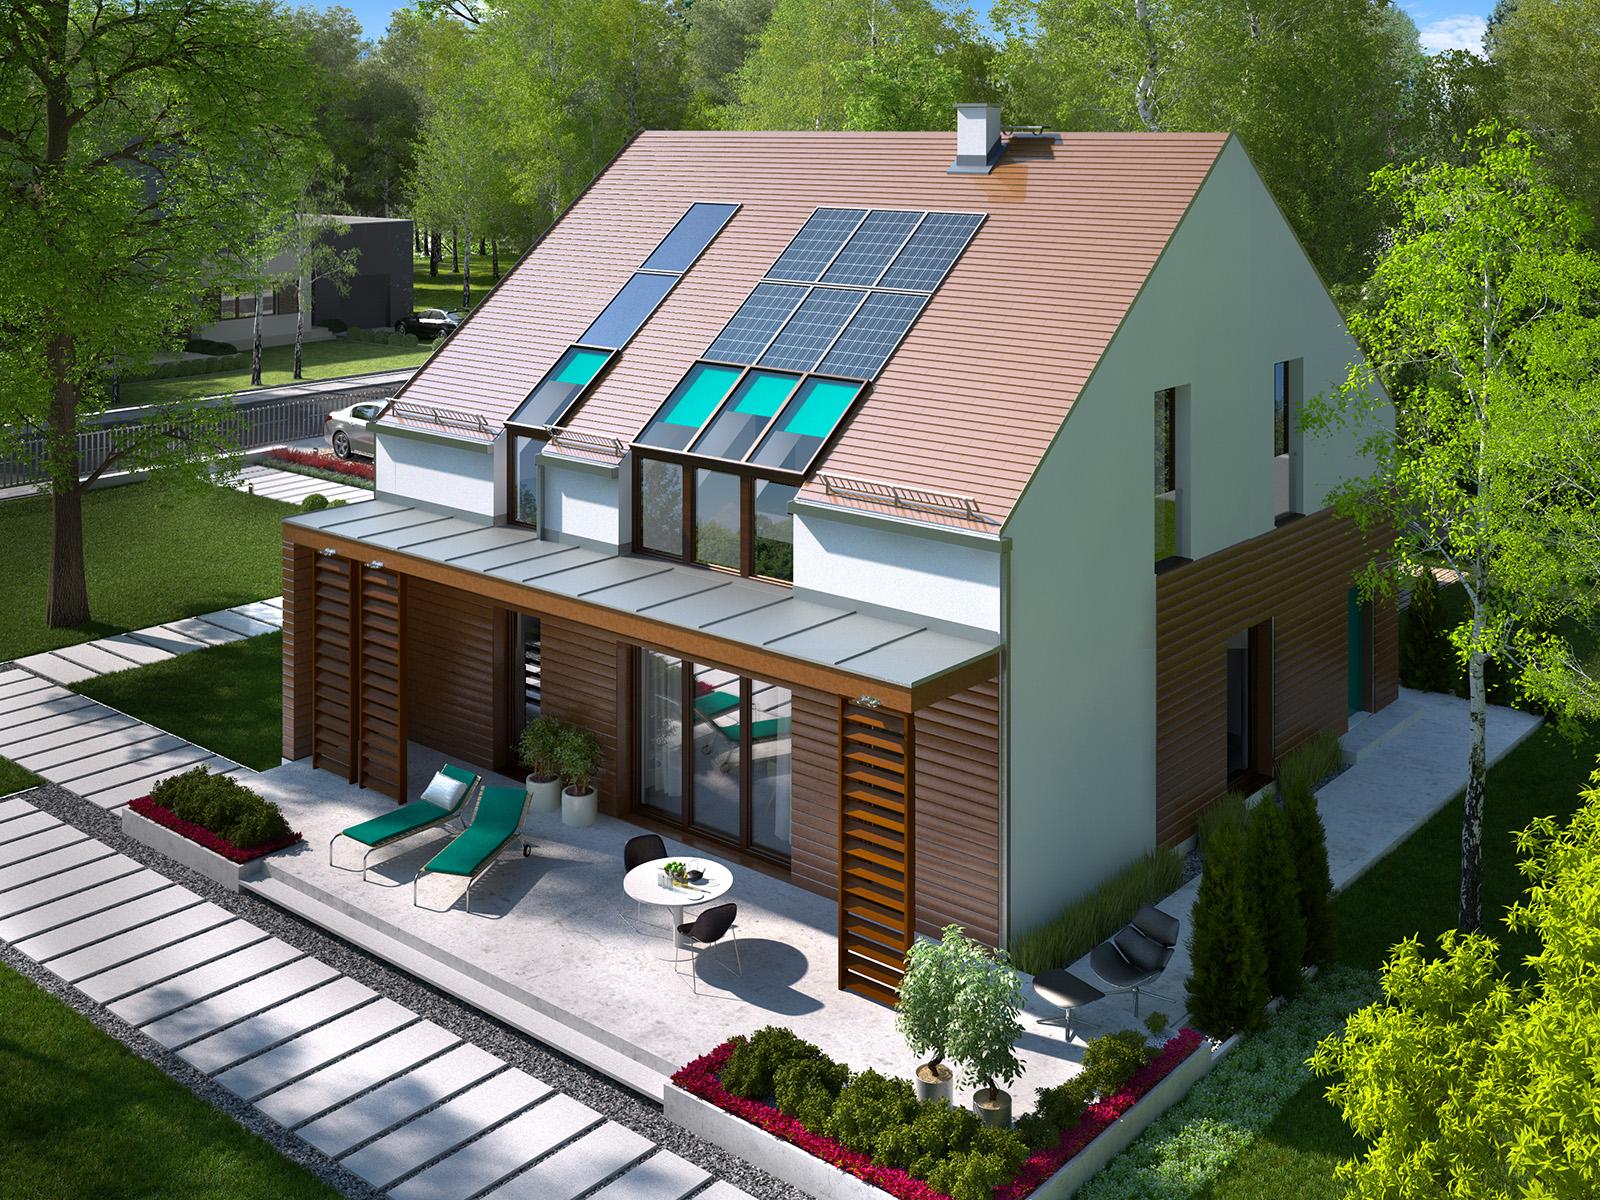 Projekt domu 2 PLUS 1 Domy Czystej Energii widok od ogrodu